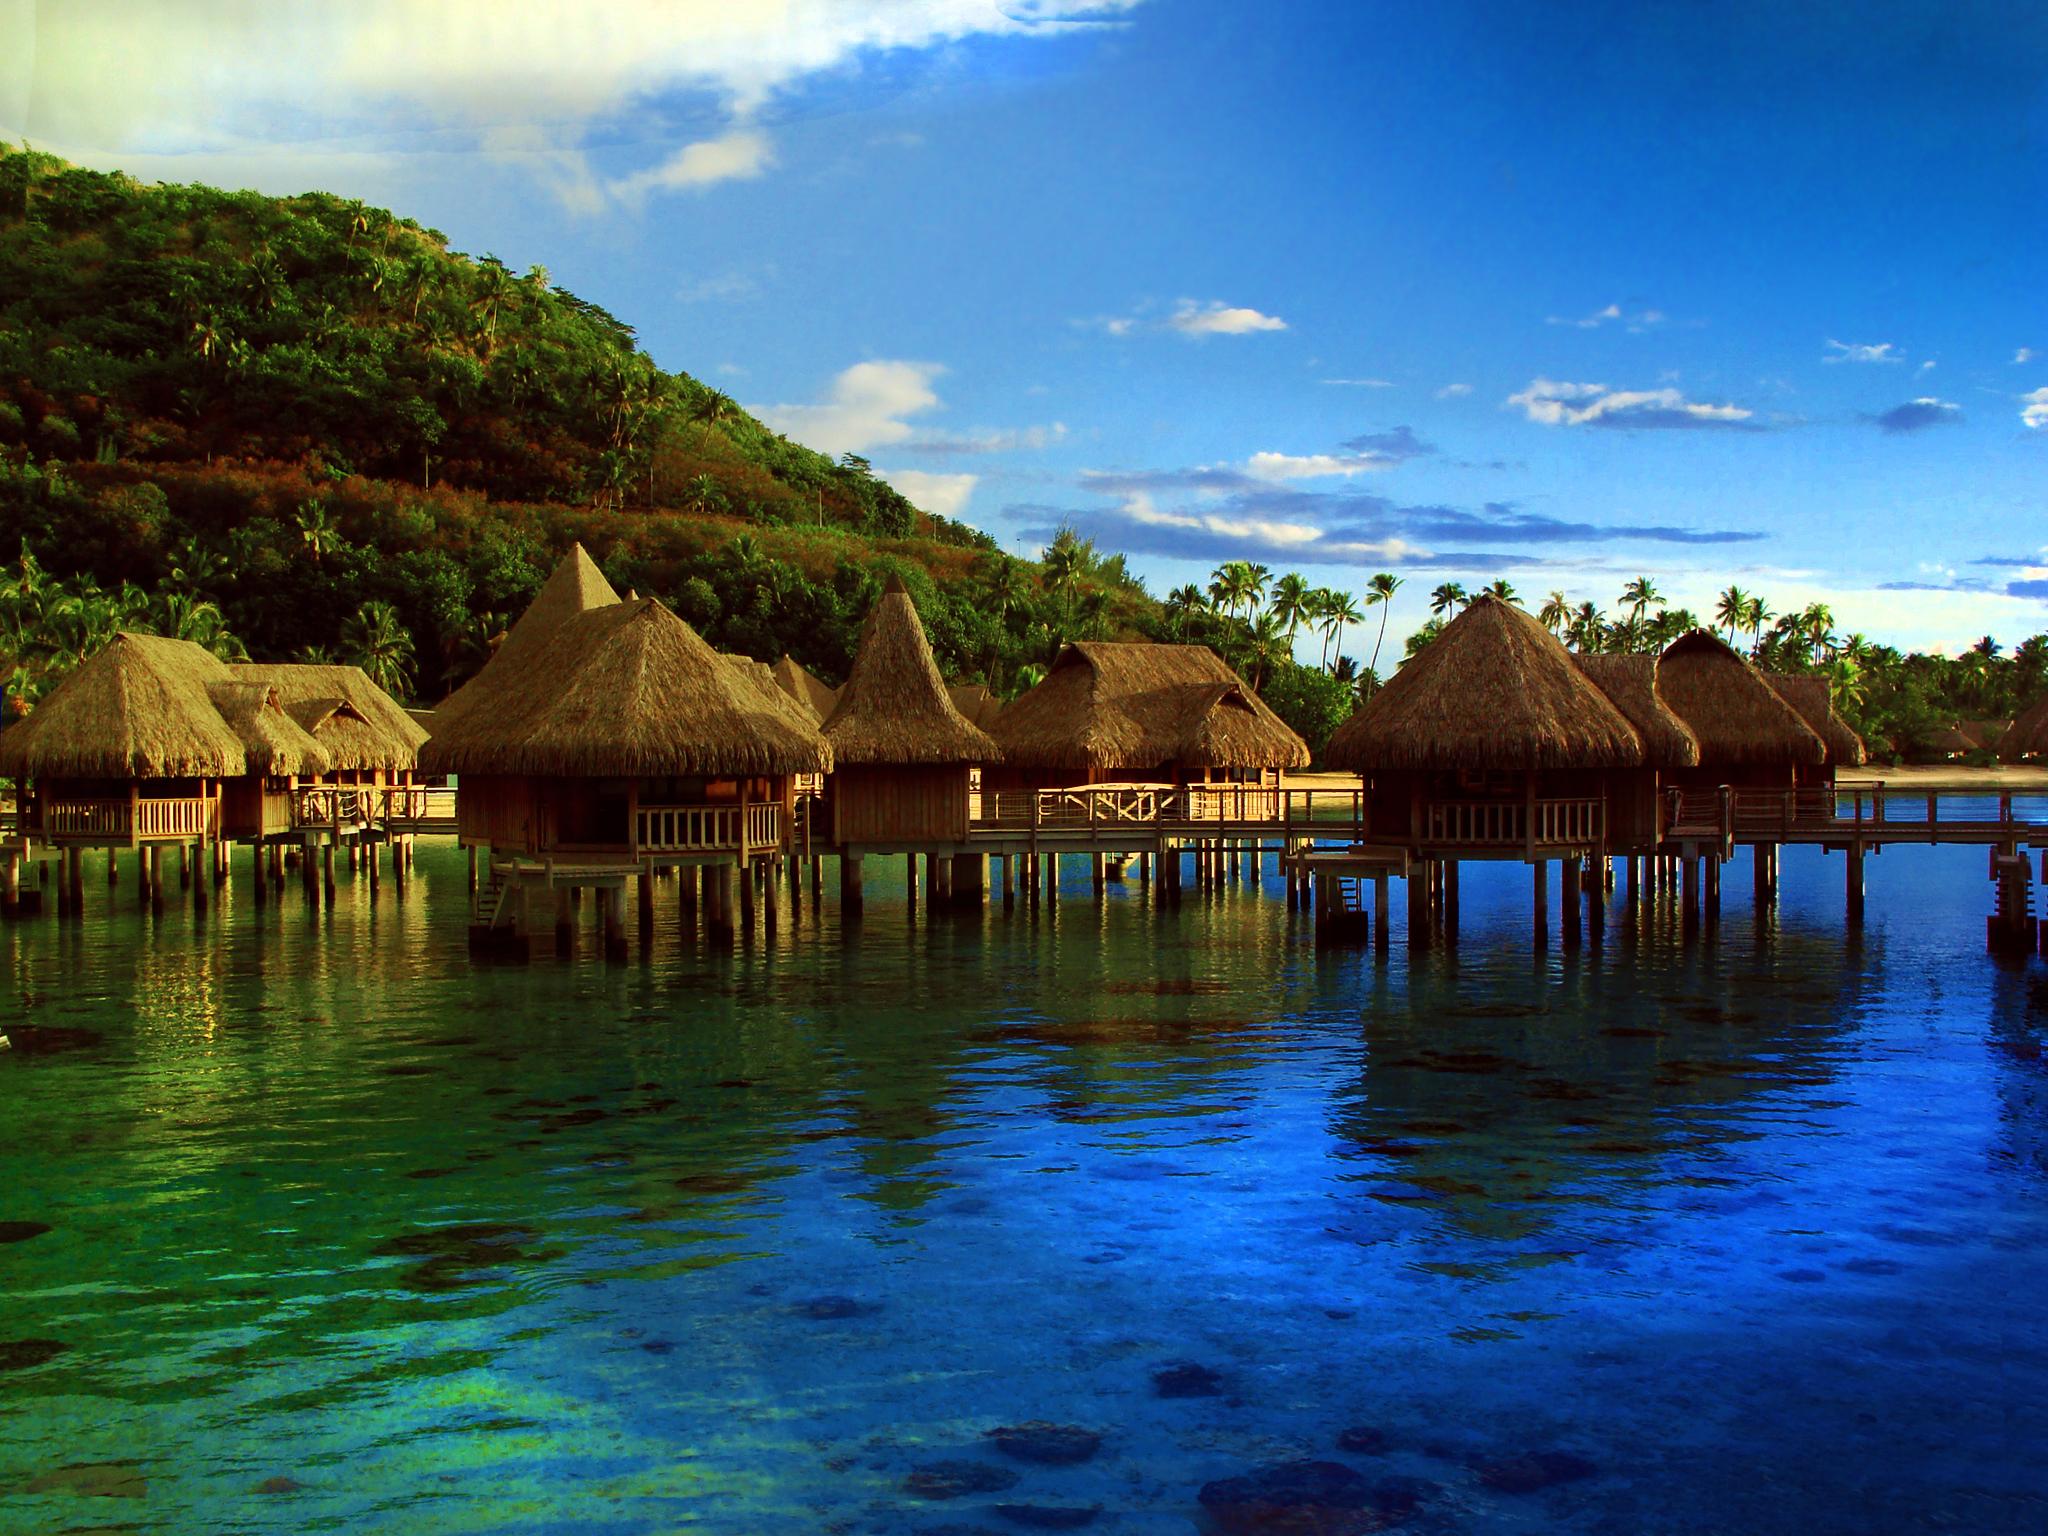 بالصور افضل 10 جزر سياحية في العالم 341 6